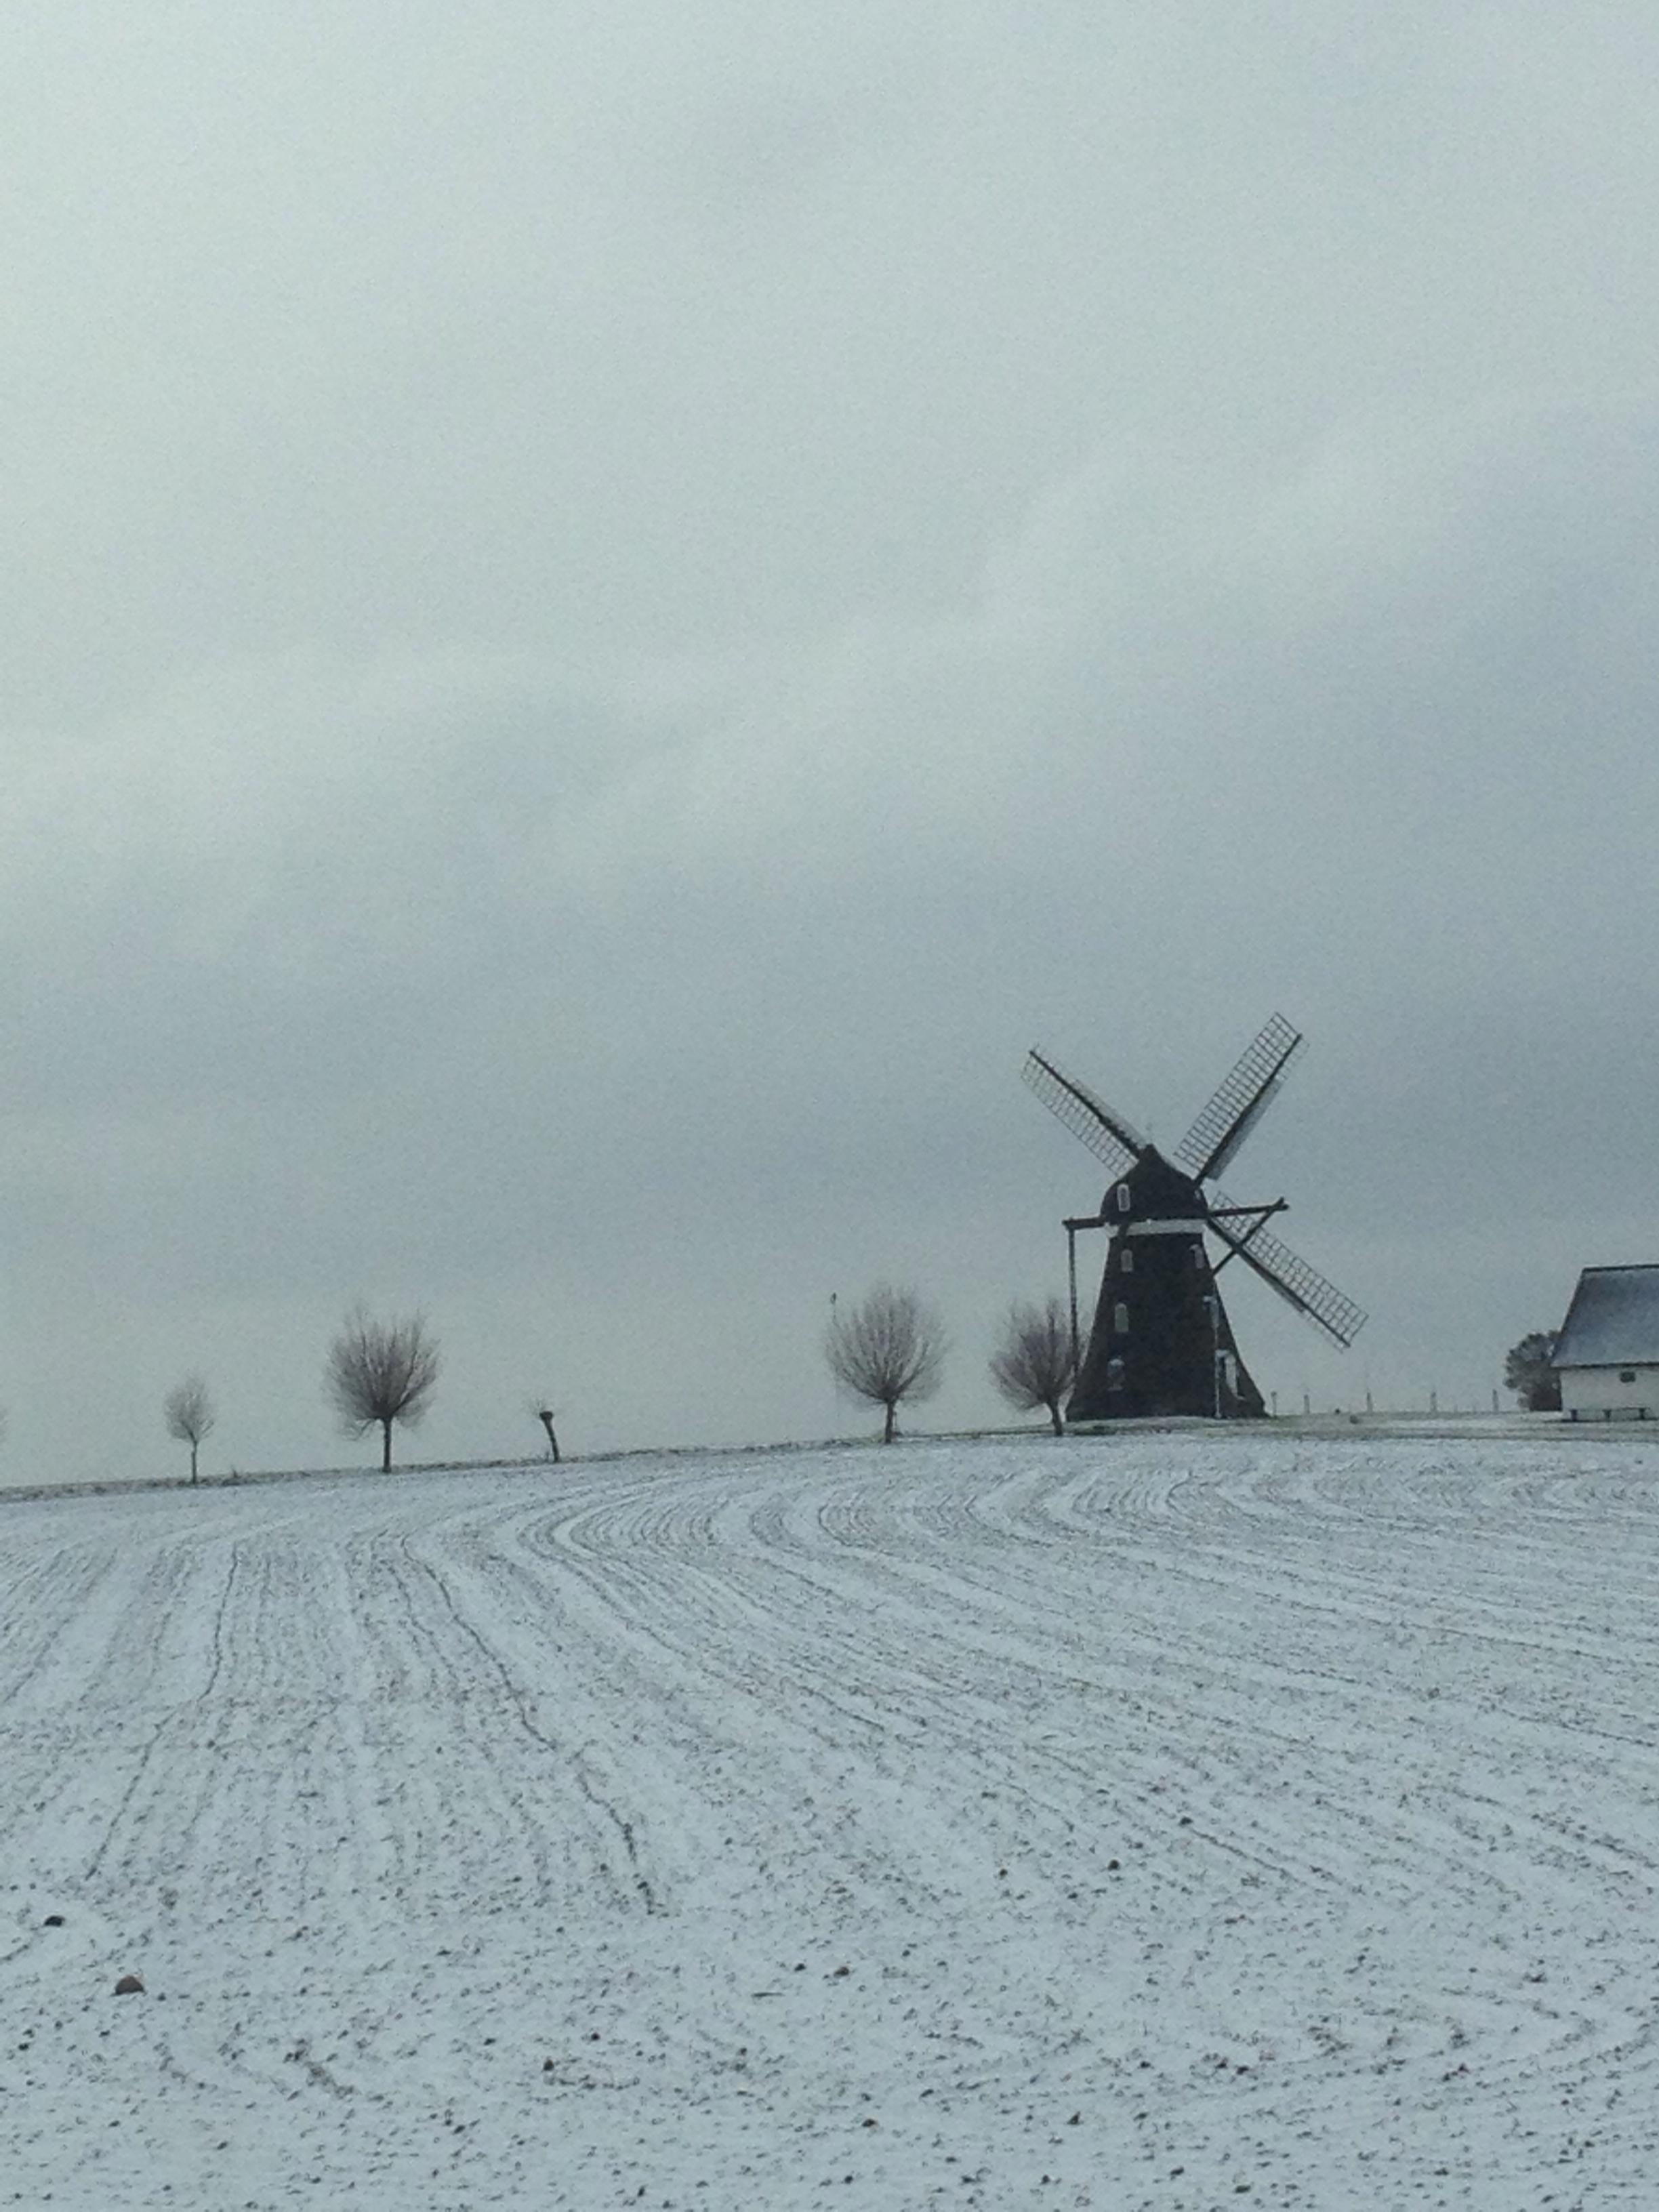 Sfondi Paesaggio Mare La Neve Inverno Veicolo Instagram